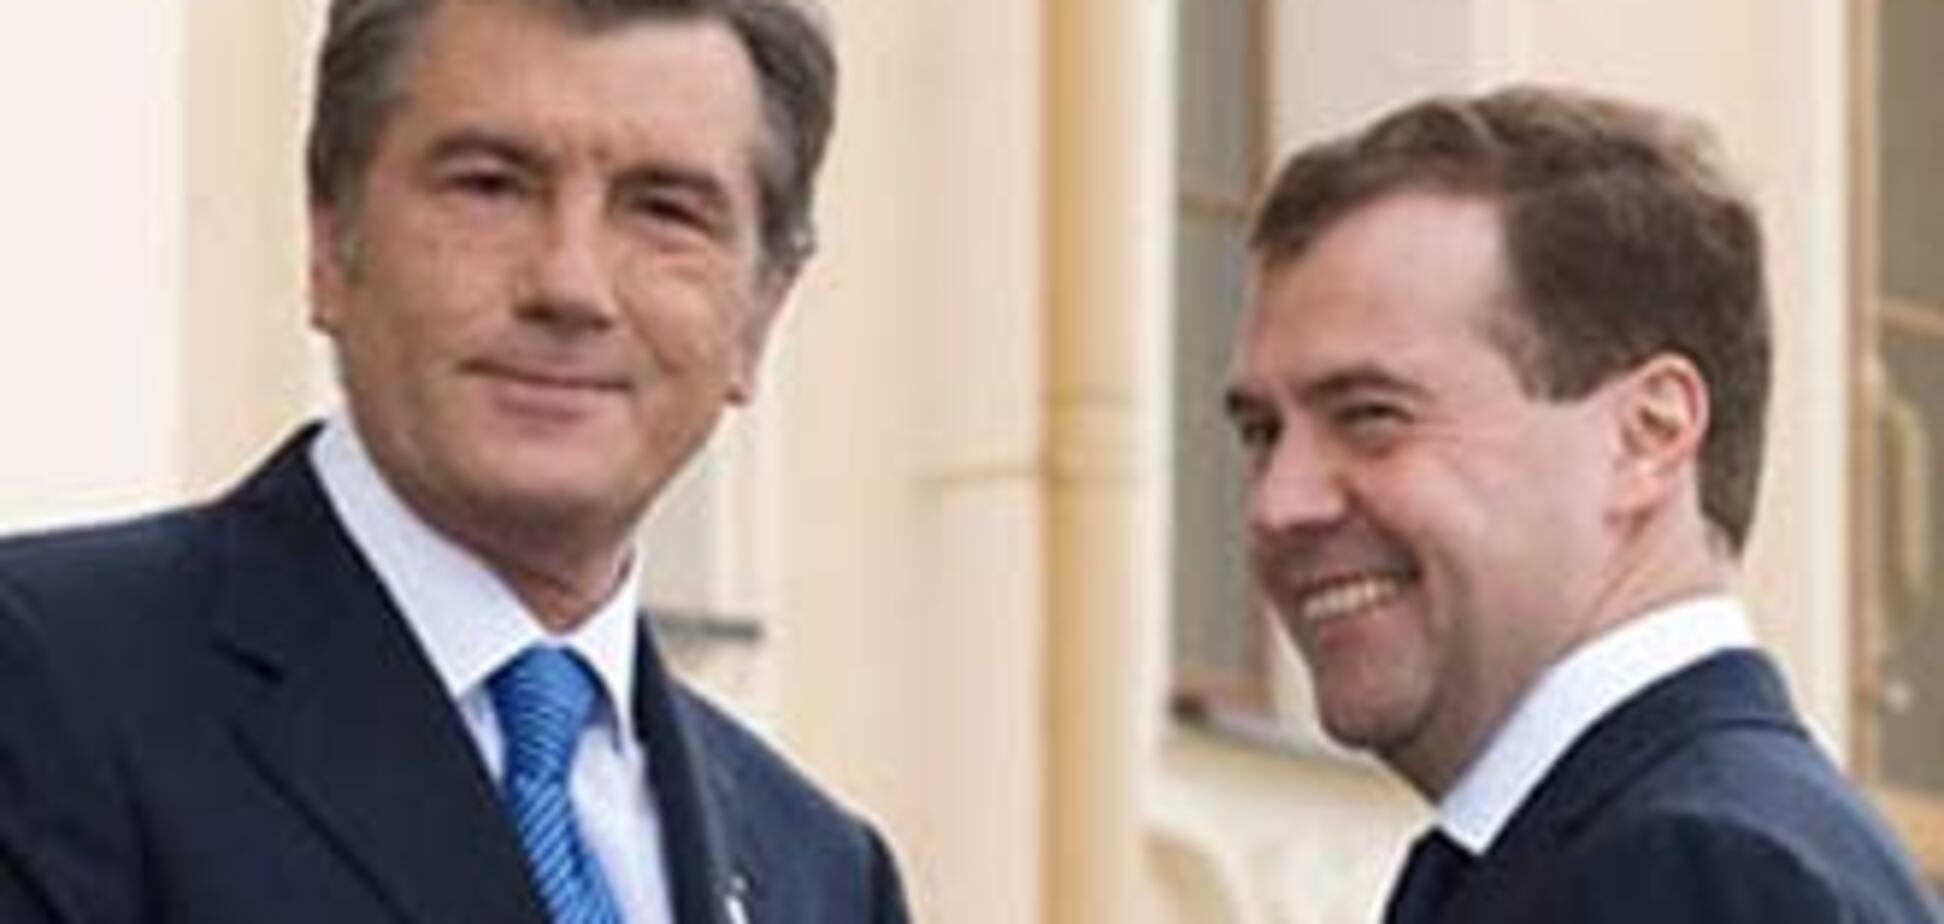 Кравчук разъяснил, чего хотел Медеведев от Ющенко